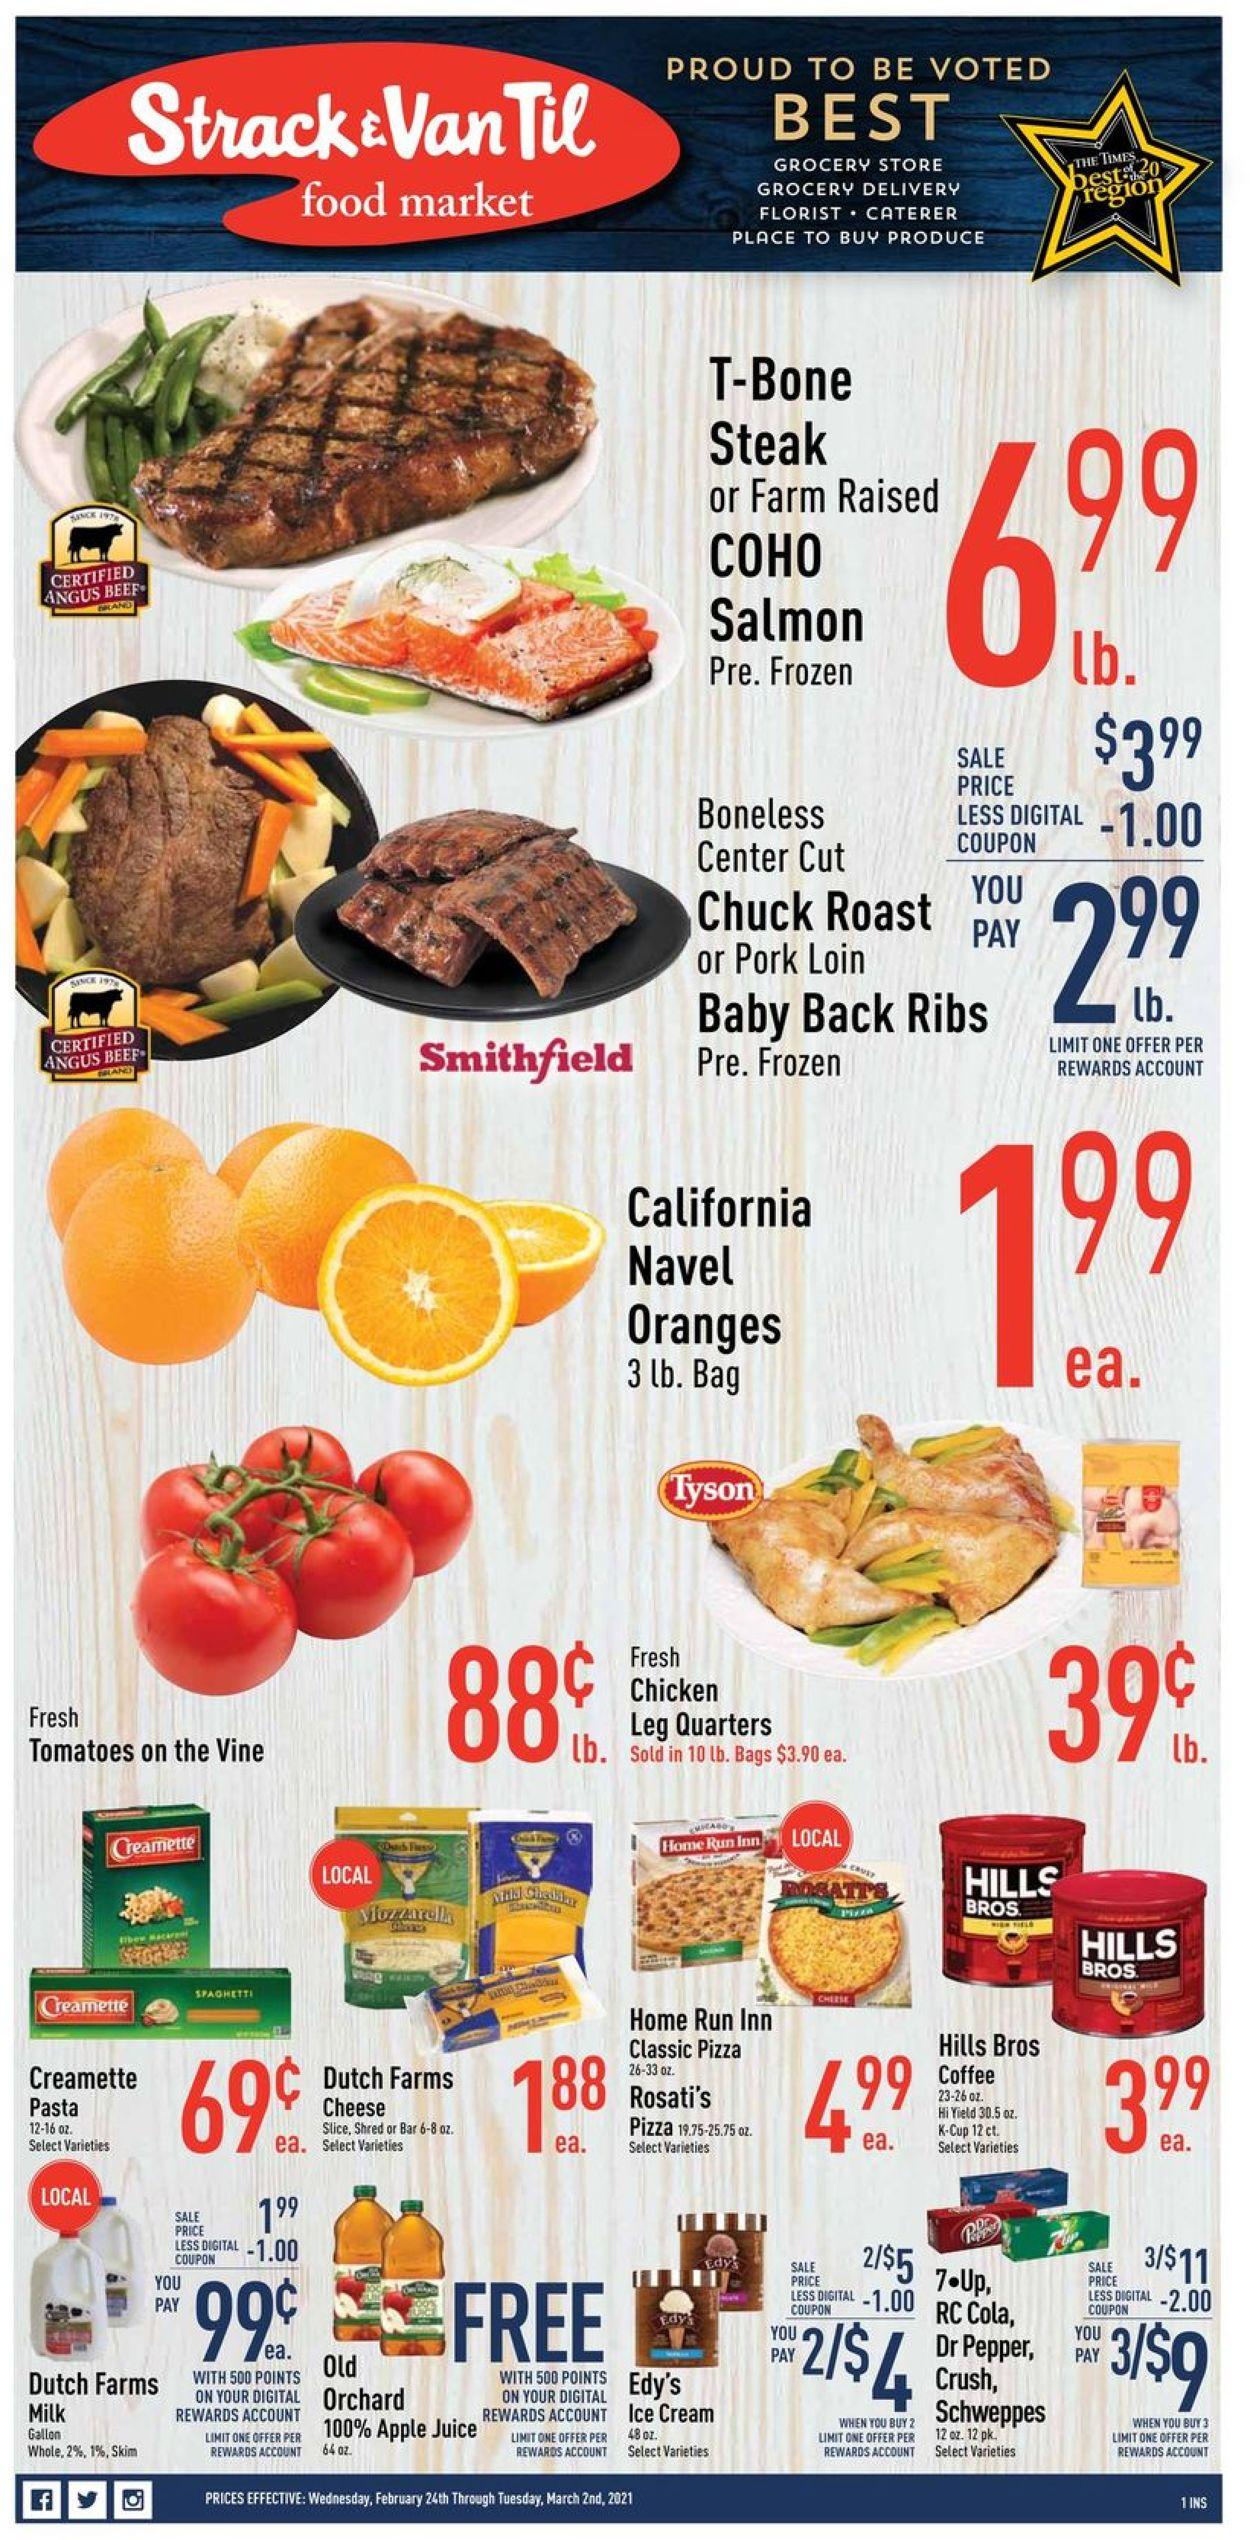 Strack & Van Til Weekly Ad Circular - valid 02/24-03/02/2021